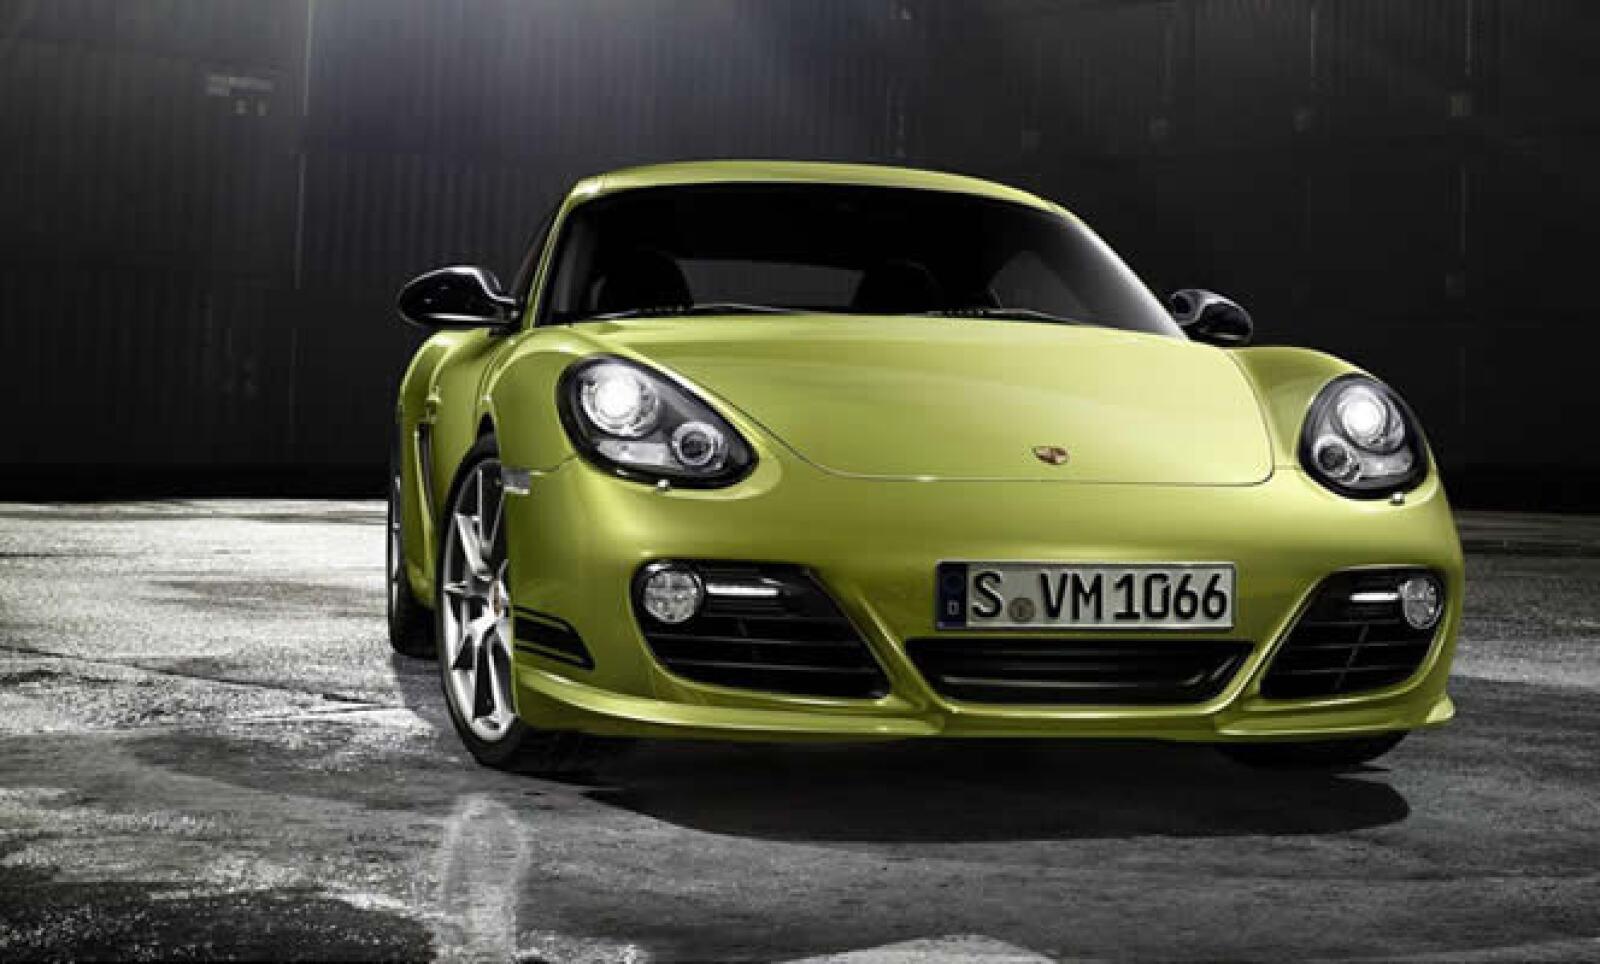 Con un peso de sólo 1,225 kilos, los ingenieros de Porsche han sido capaces de bajar la relación peso/potencia del coupé hasta los 3.9 kilos por caballo de fuerza.